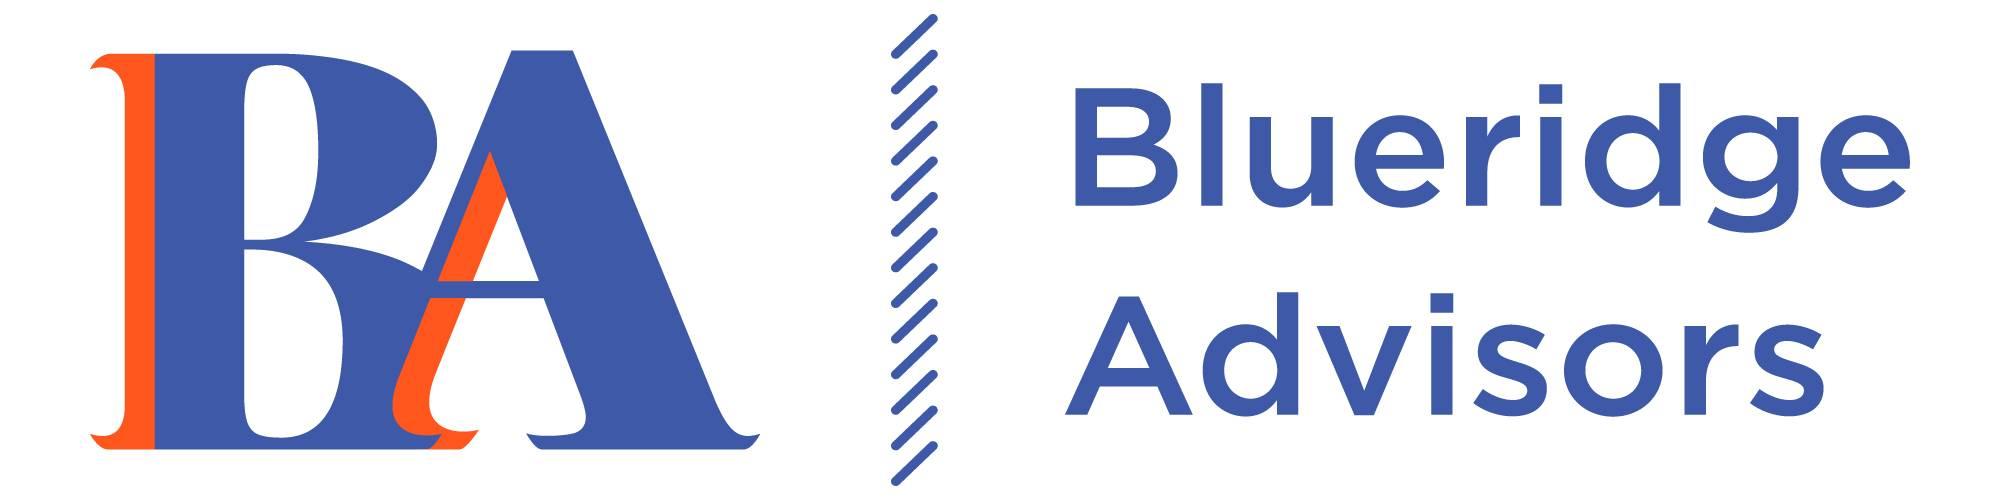 Blueridge Advisors LLC's Logo